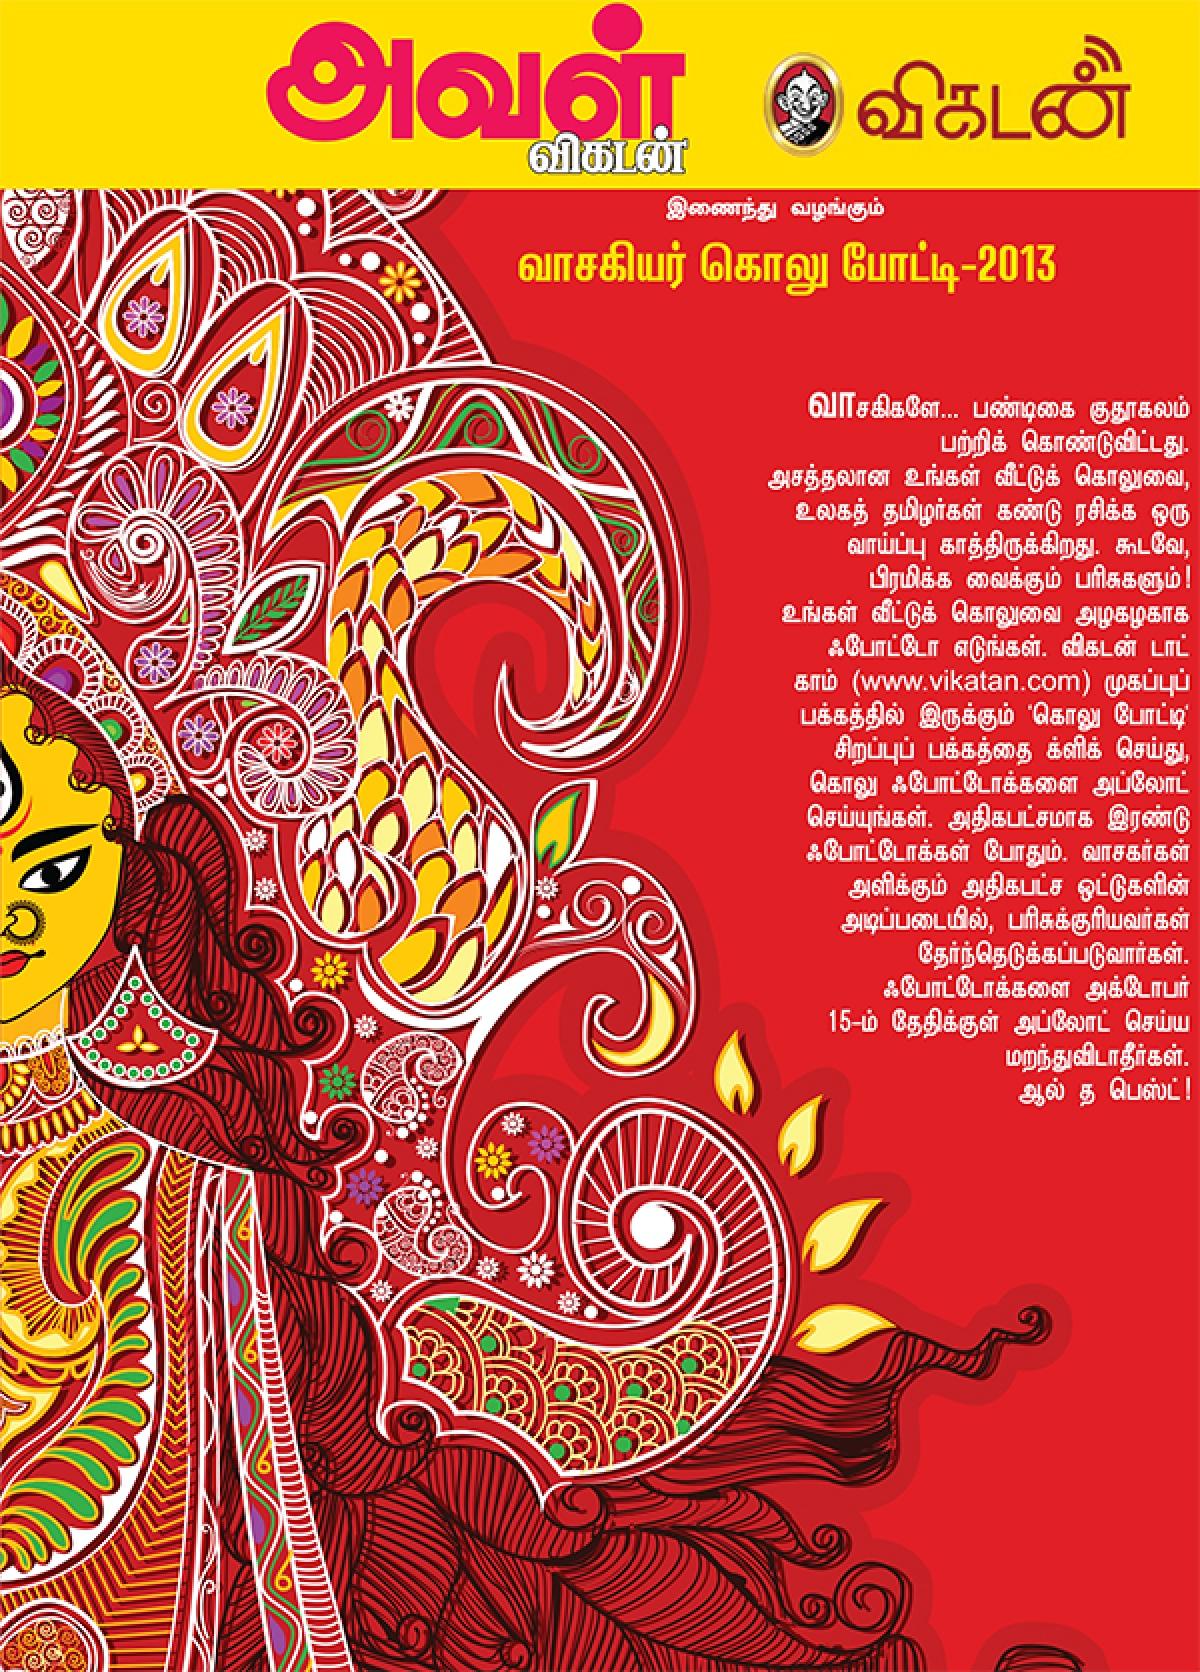 வாசகியர் கொலு போட்டி - 2013